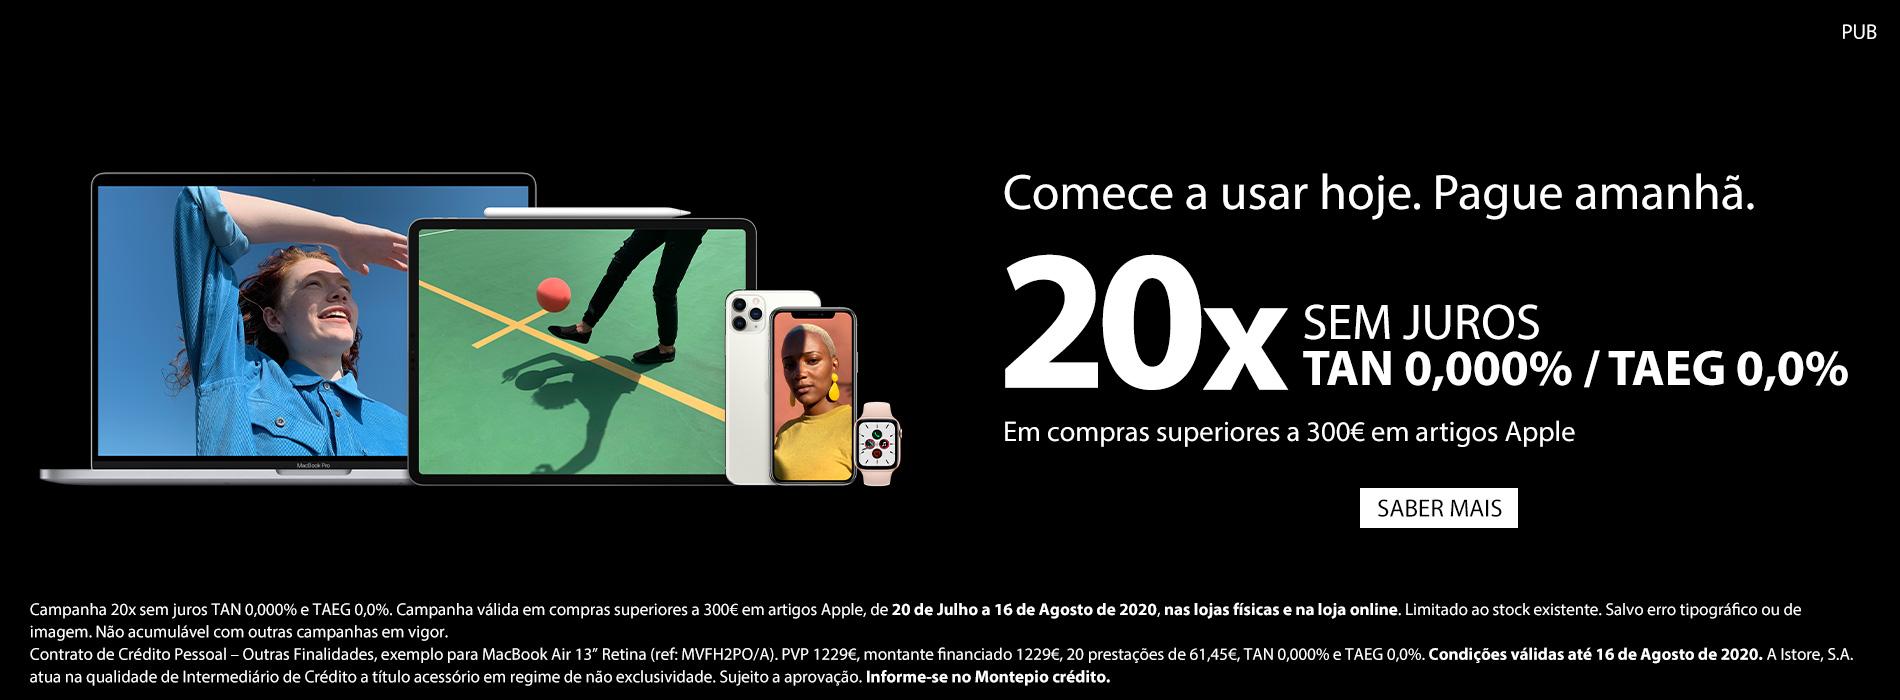 Homepage Slideshow - Financiamento 20x